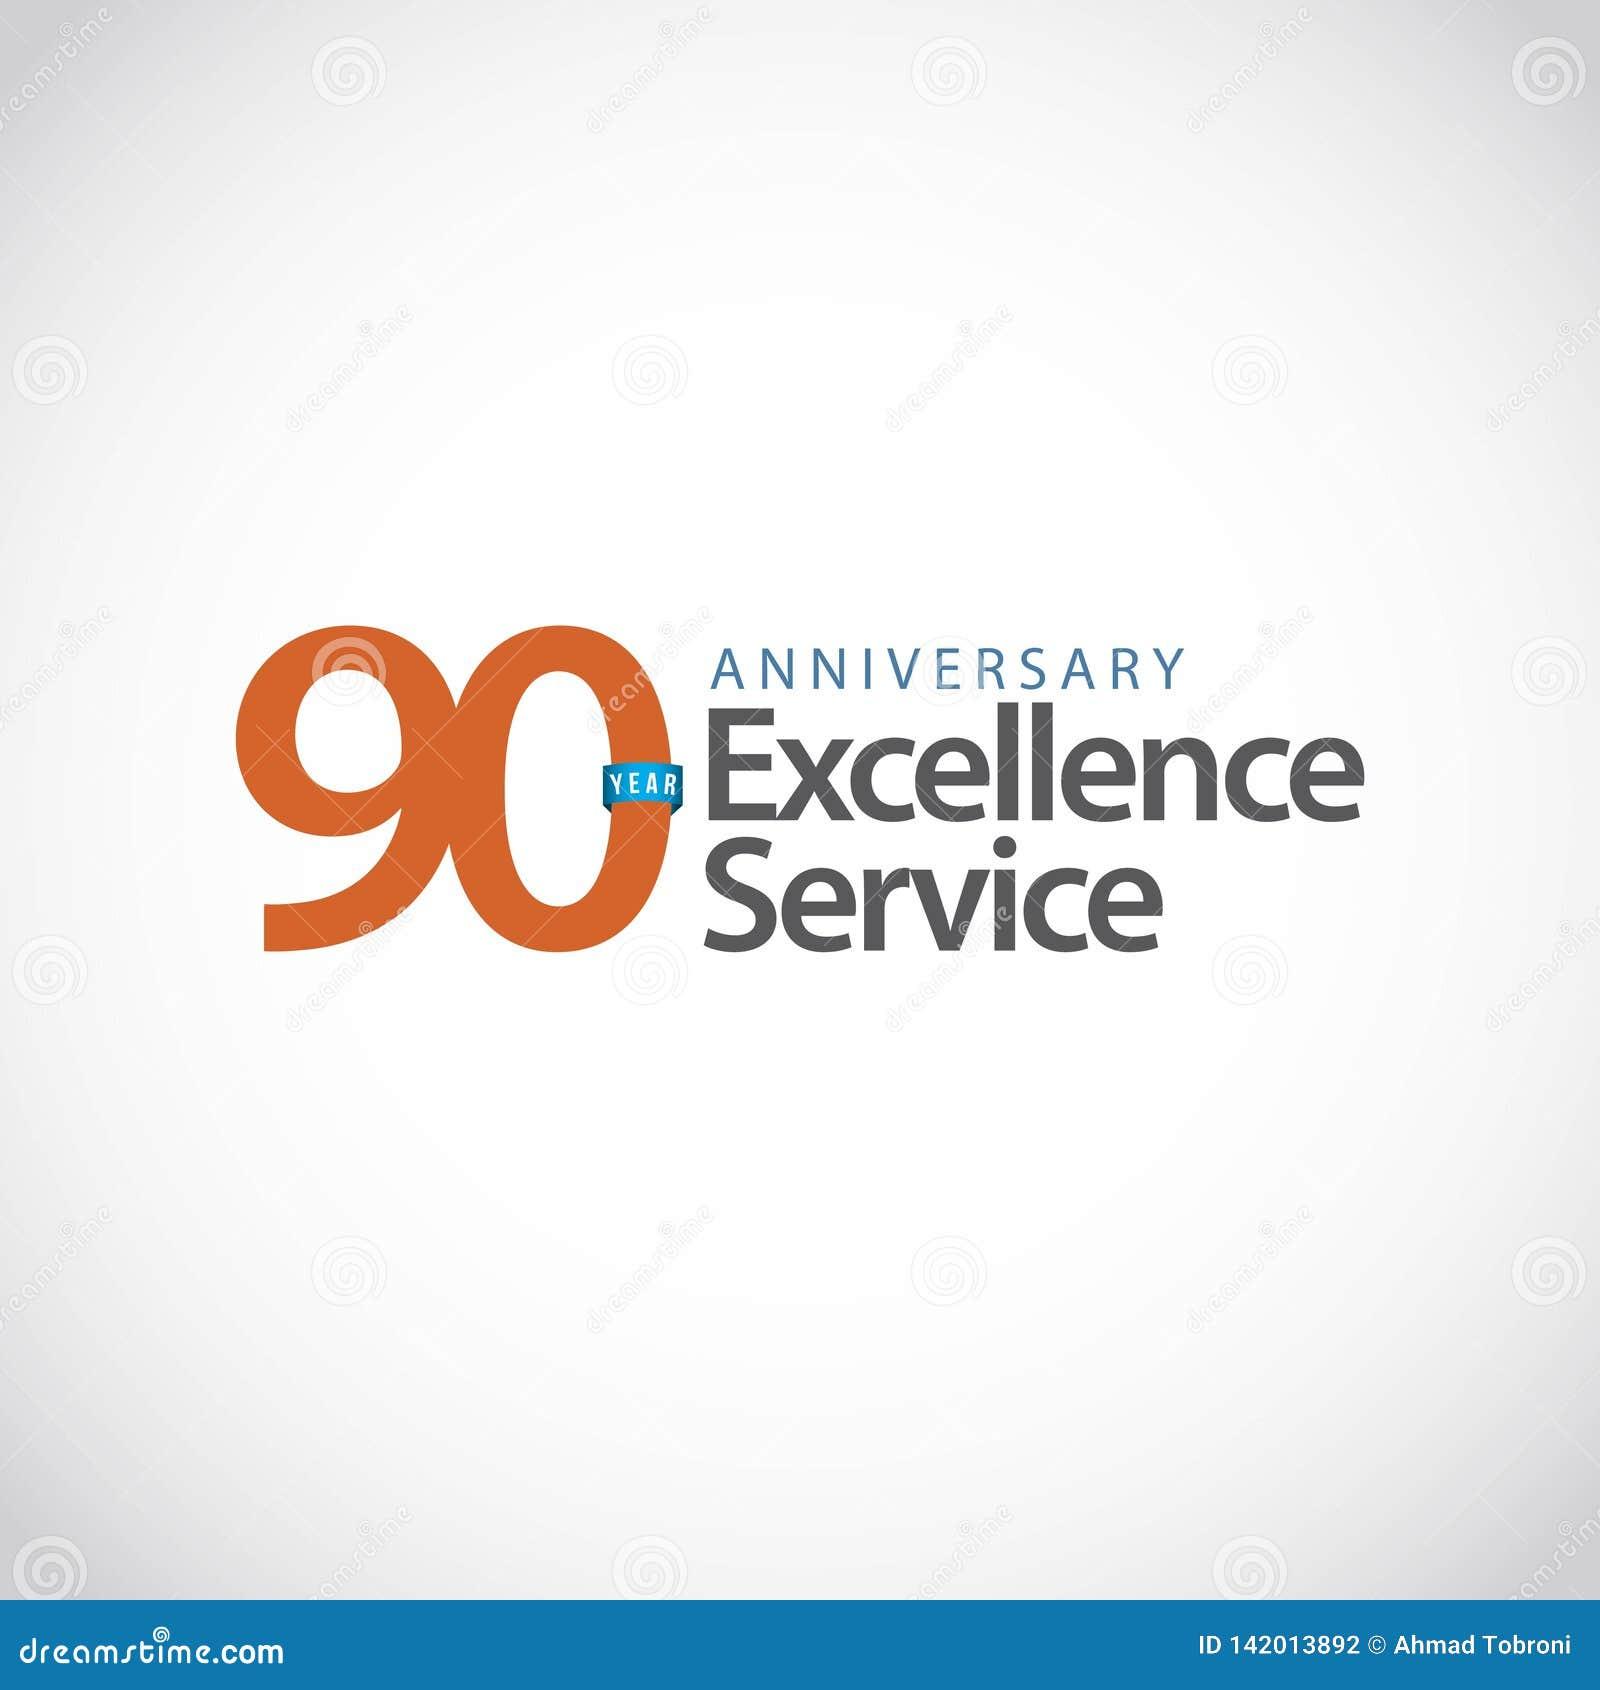 Illustrazione di progettazione del modello di vettore di servizio di eccellenza di anniversario di 90 anni